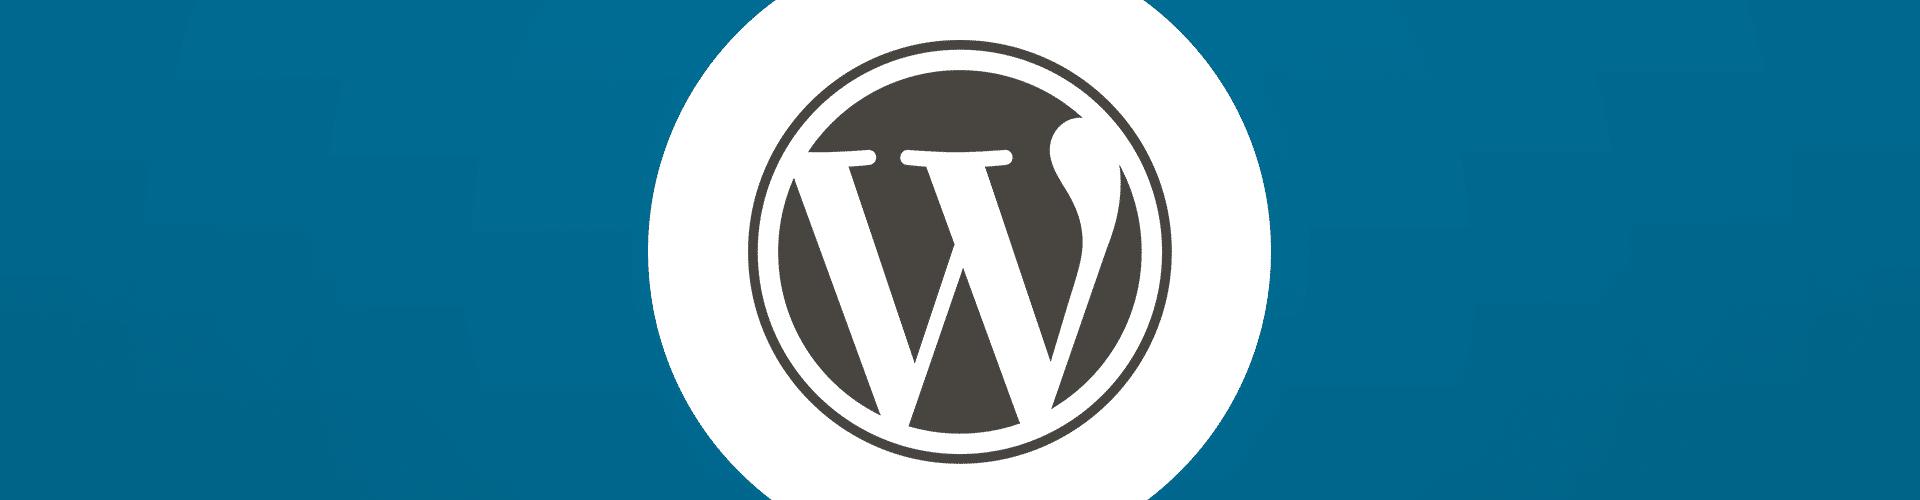 Wie funktioniert Internationalisierung mit WordPress?